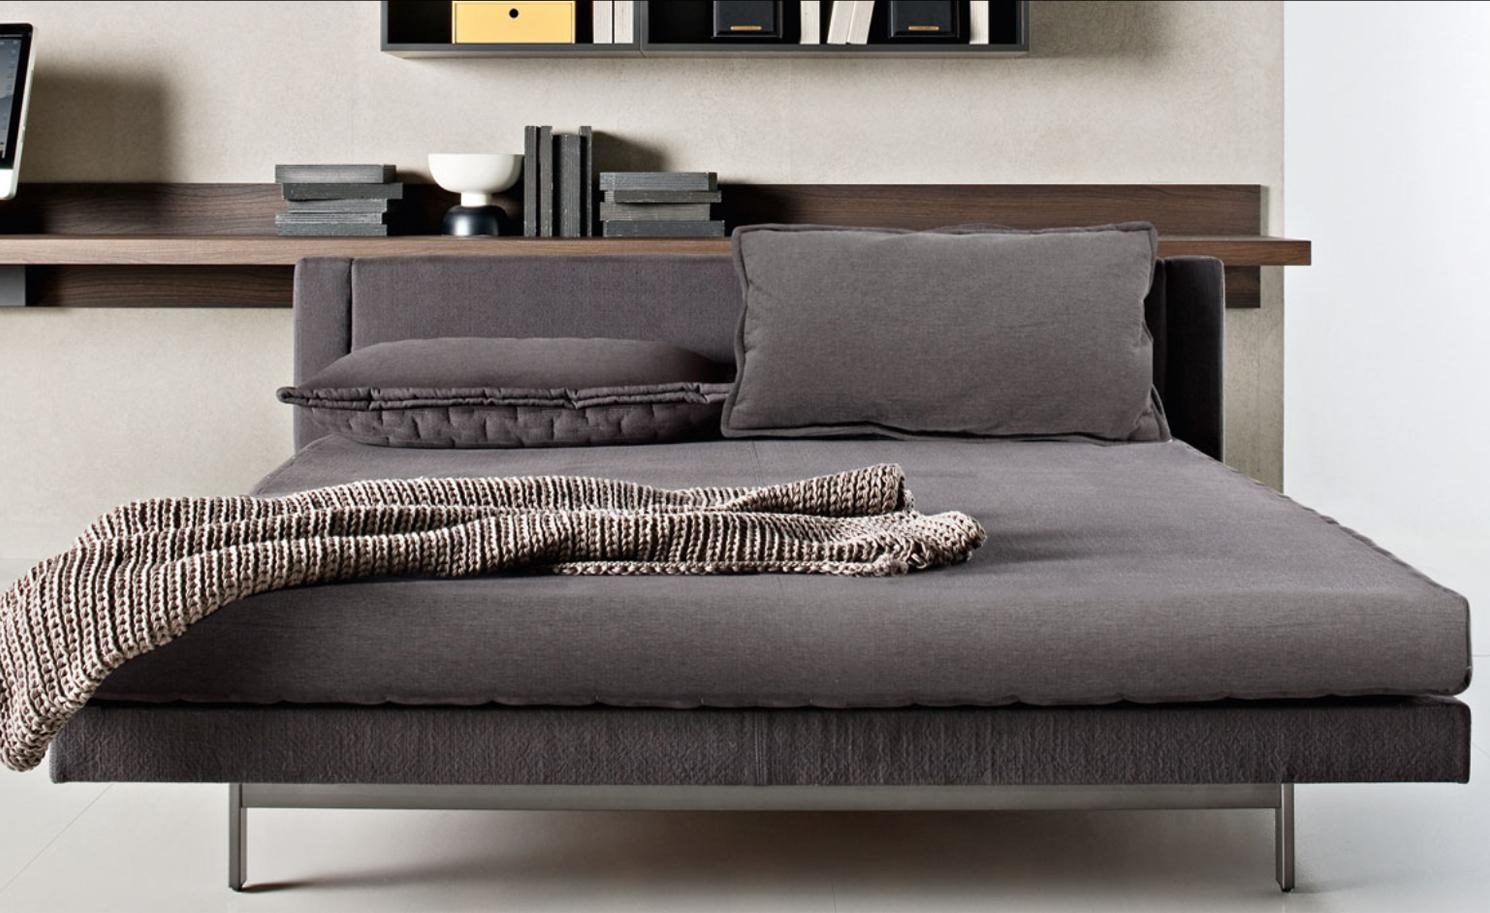 kleine schlafcouch free kleine schlafcouch with kleine. Black Bedroom Furniture Sets. Home Design Ideas